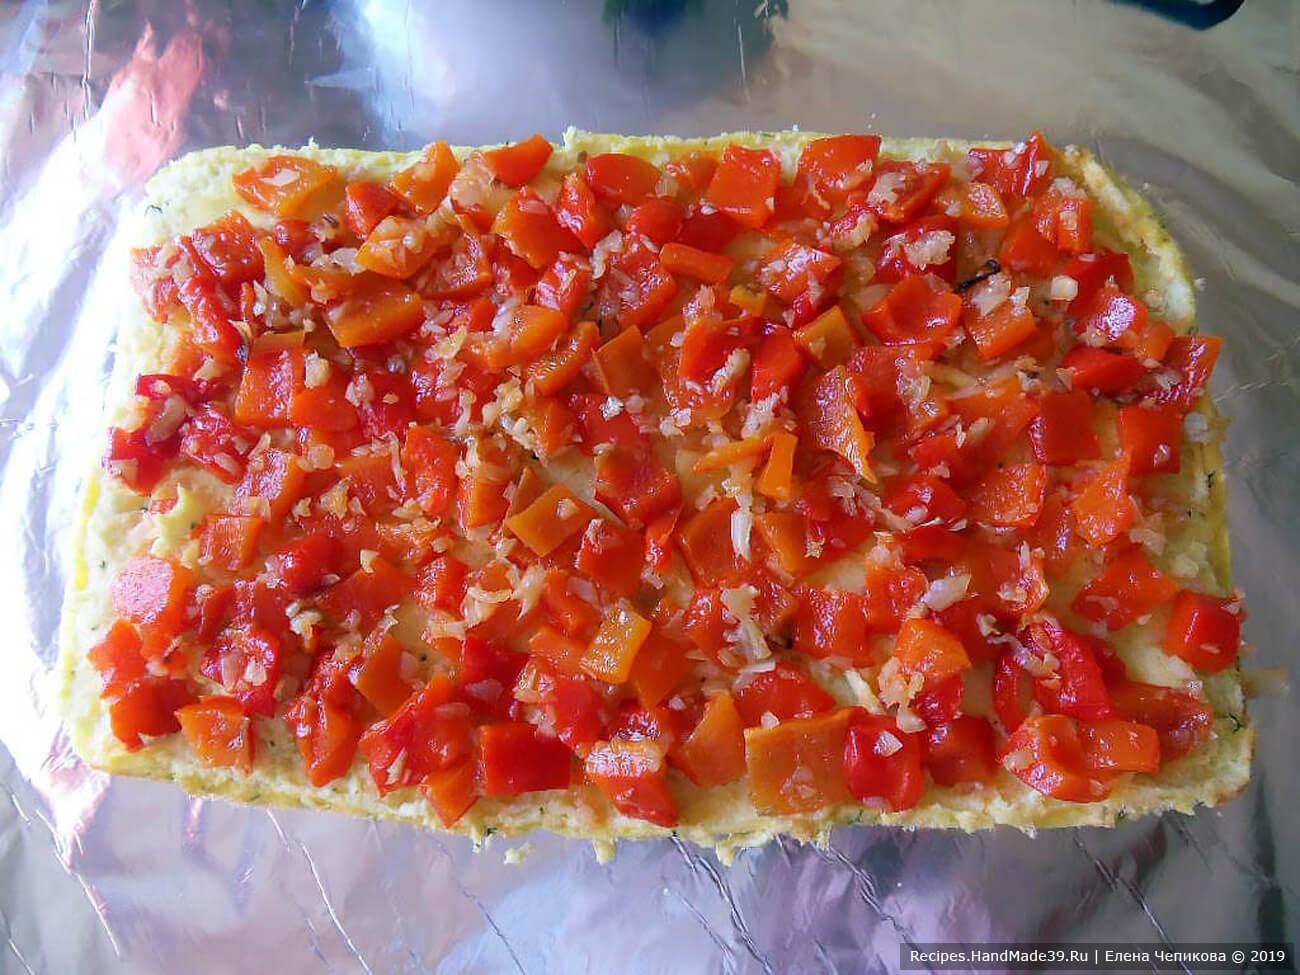 Выложить омлет на плоскую поверхность, на омлет выложить перцово-луковую смесь